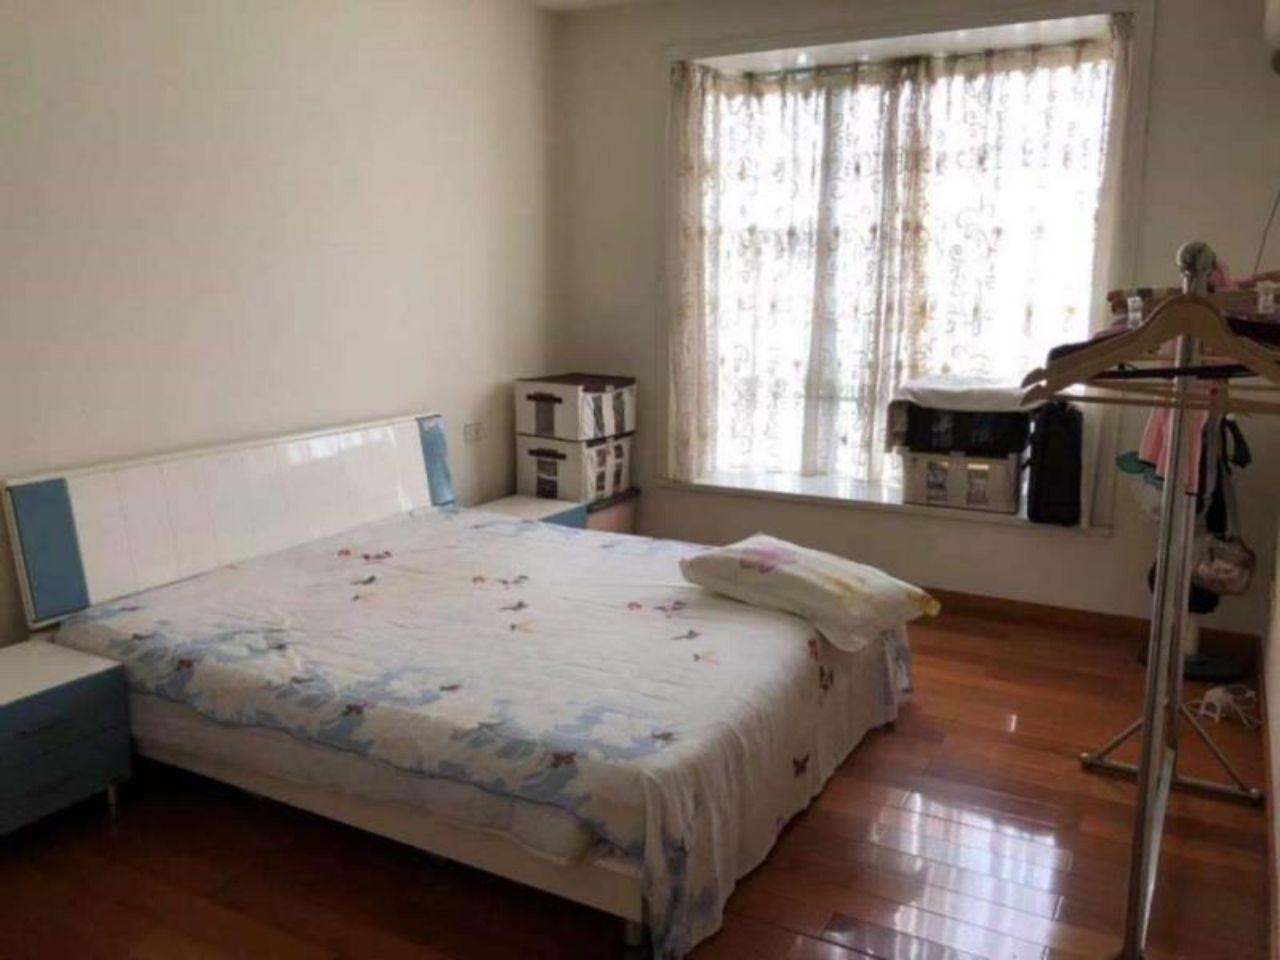 平安小区4室 2厅 2卫 1厨 2阳台 94万元